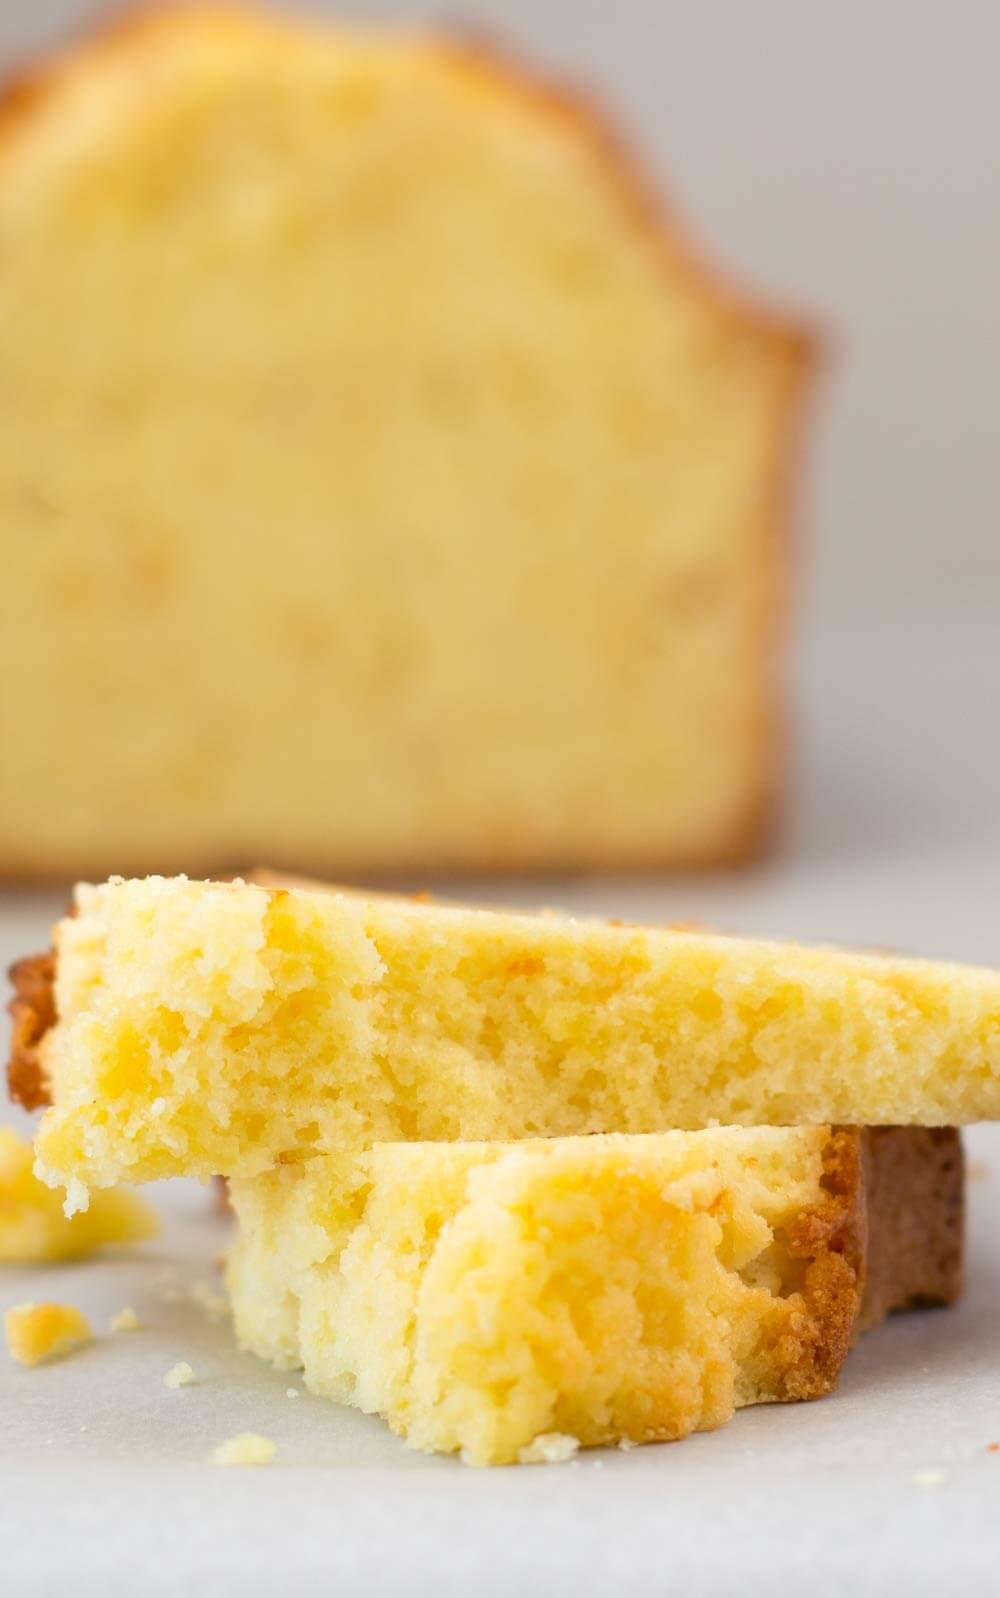 Piece of citrus loaf cake, broken - Easy Citrus Ginger Loaf Cake